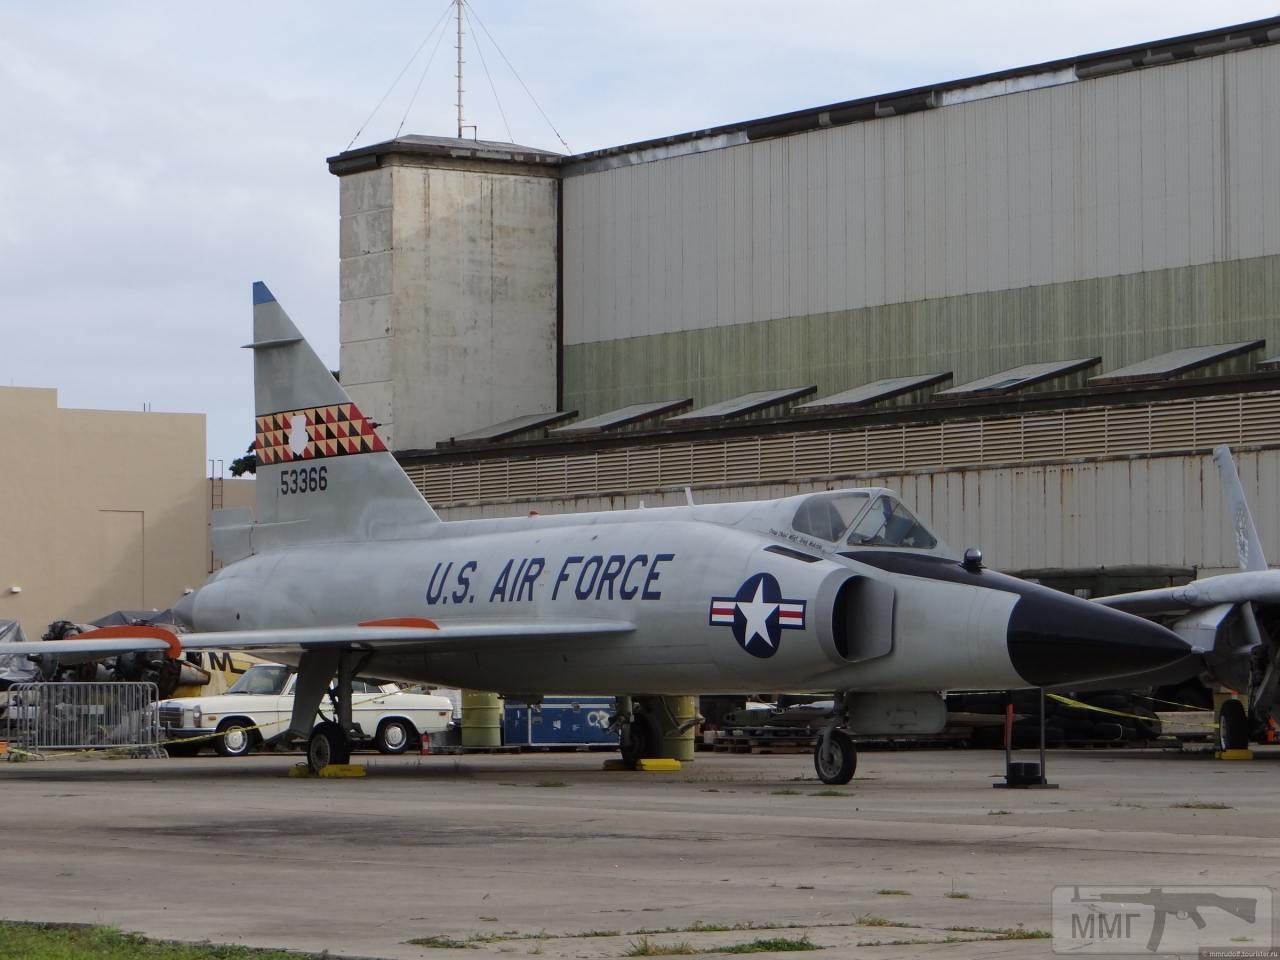 31990 - Тихоокеанский музей авиации «Пёрл-Харбор», Гонолулу